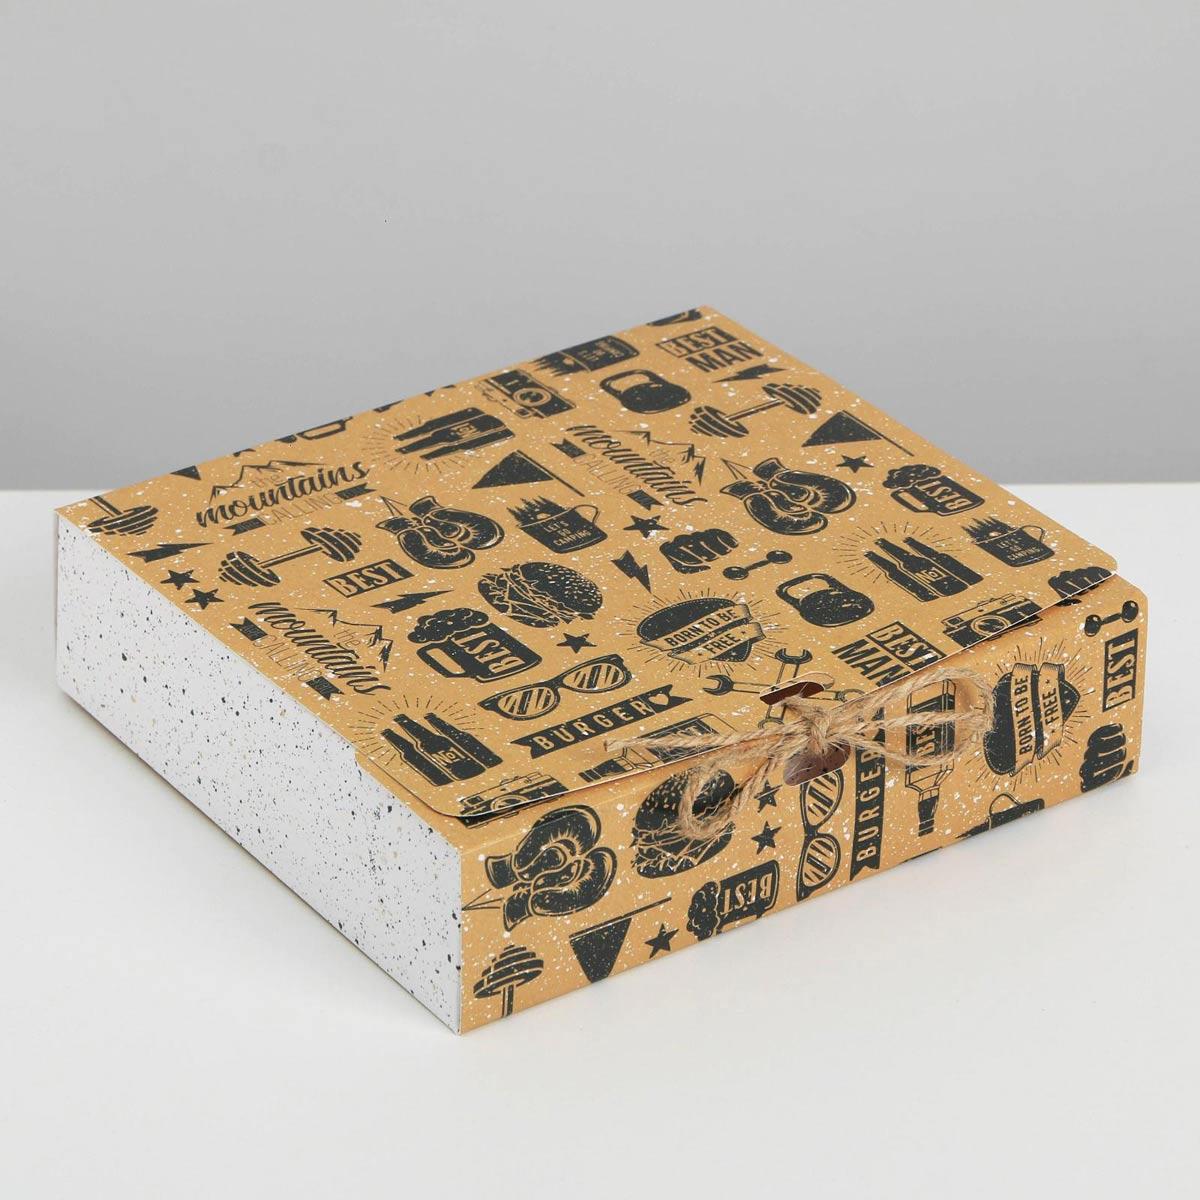 5231303 Коробка складная подарочная 'Мужская', 20*18*5 см